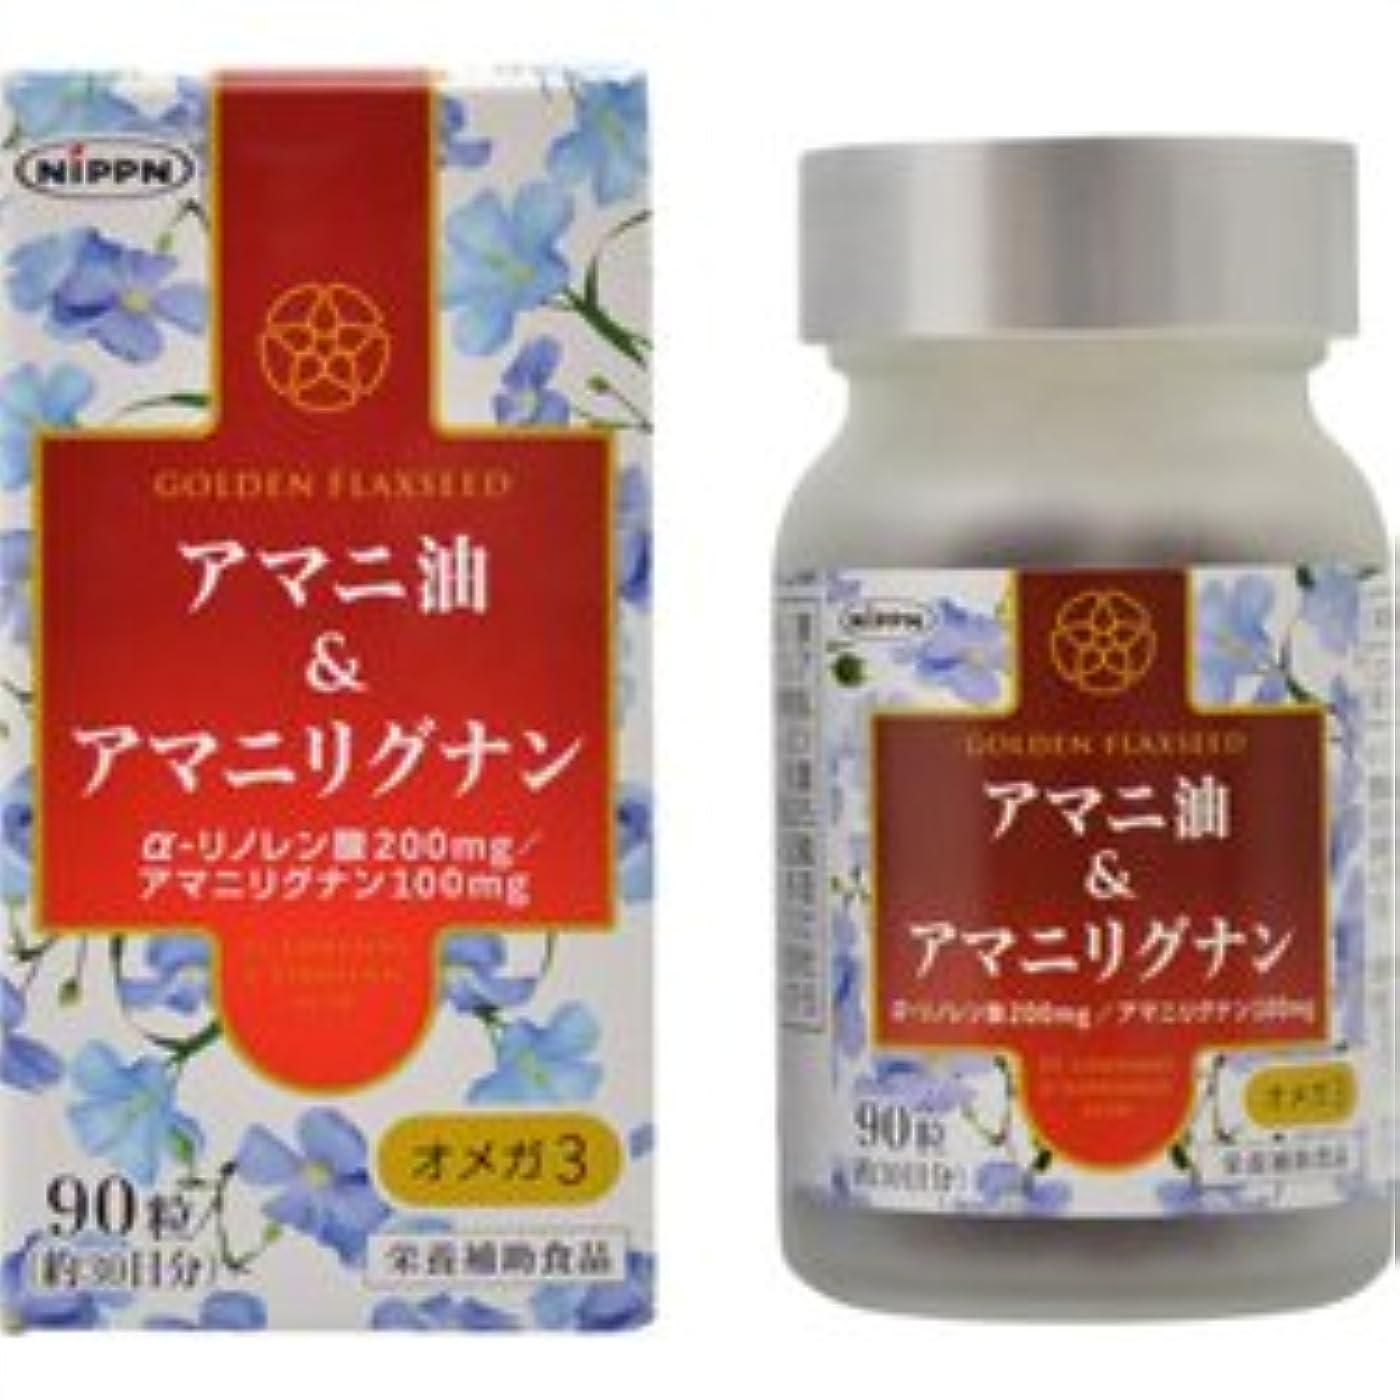 アーカイブ主張する俳句【日本製粉】アマニ油&アマニリグナン 90粒 ×5個セット